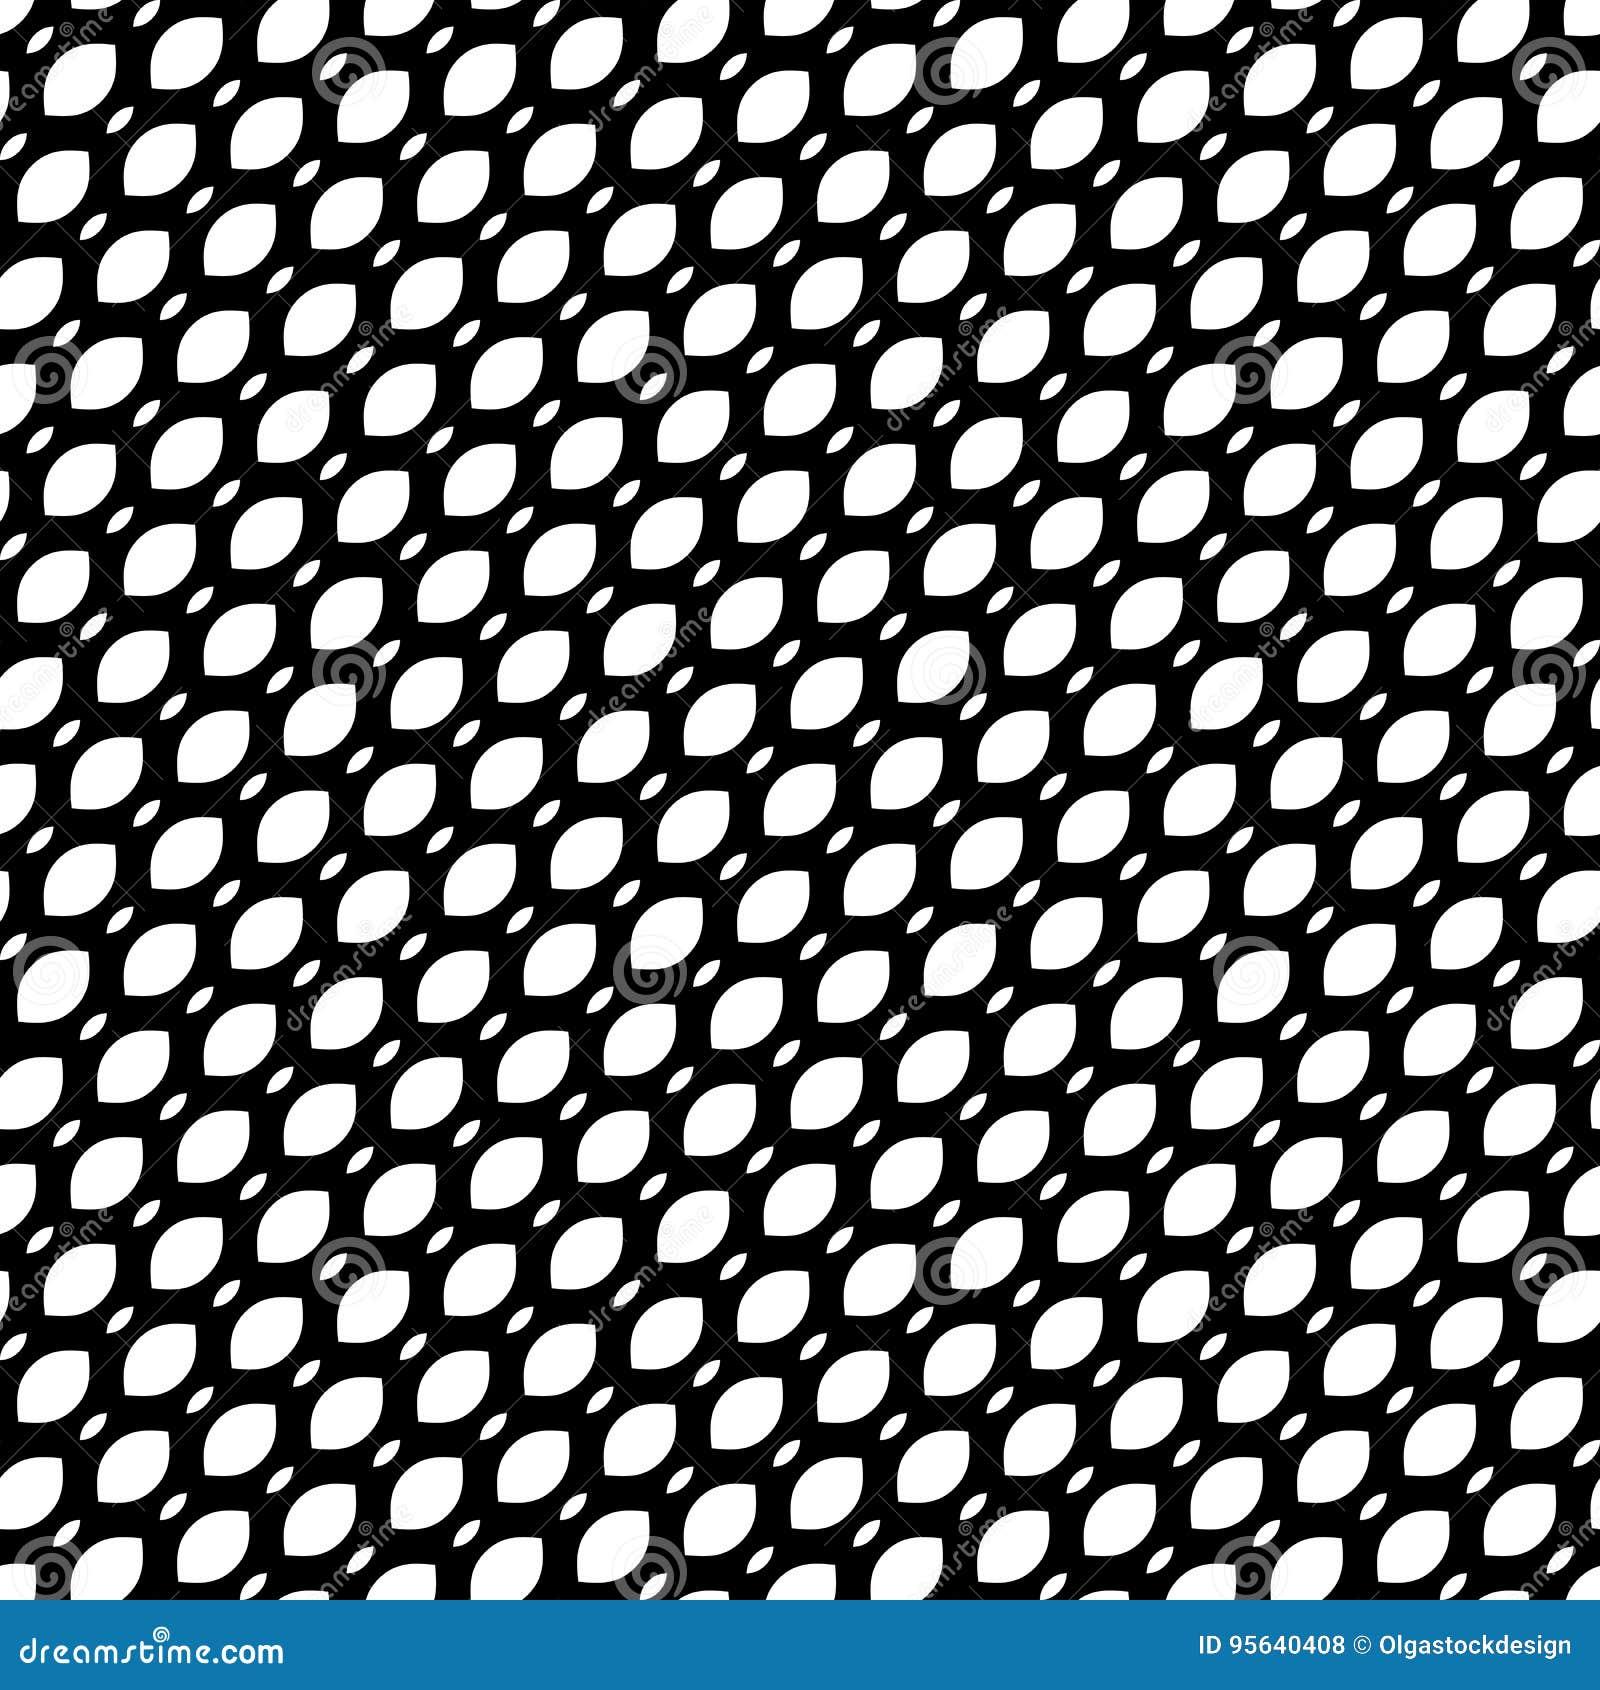 Vector безшовная картина, раскосная текстура сетки, решетка, ткань,